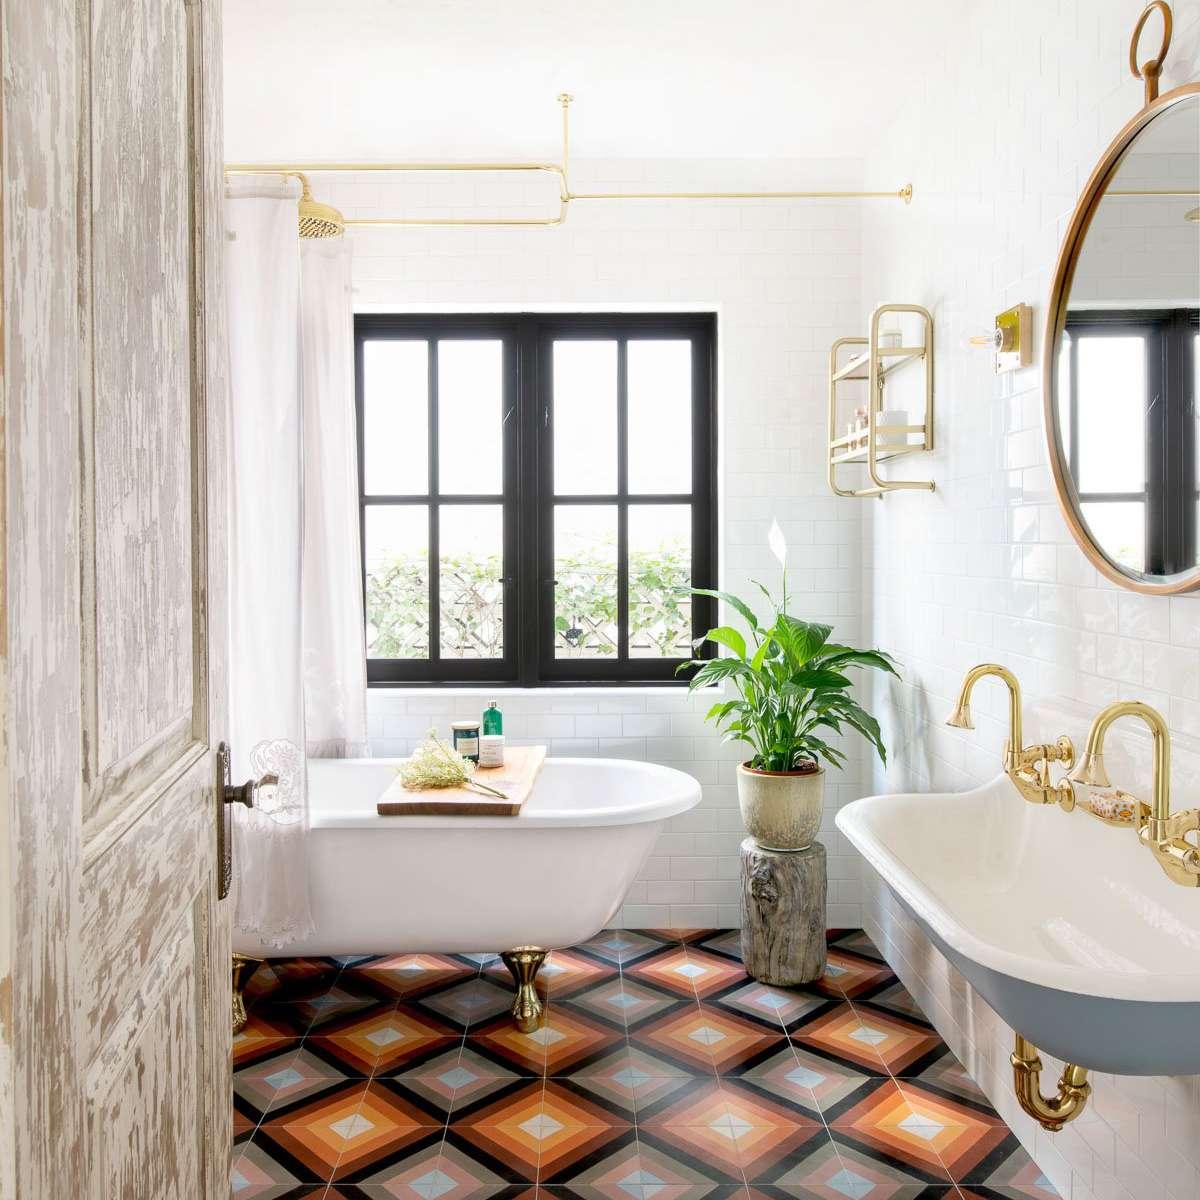 A vibrant bathroom with orange tiled floors